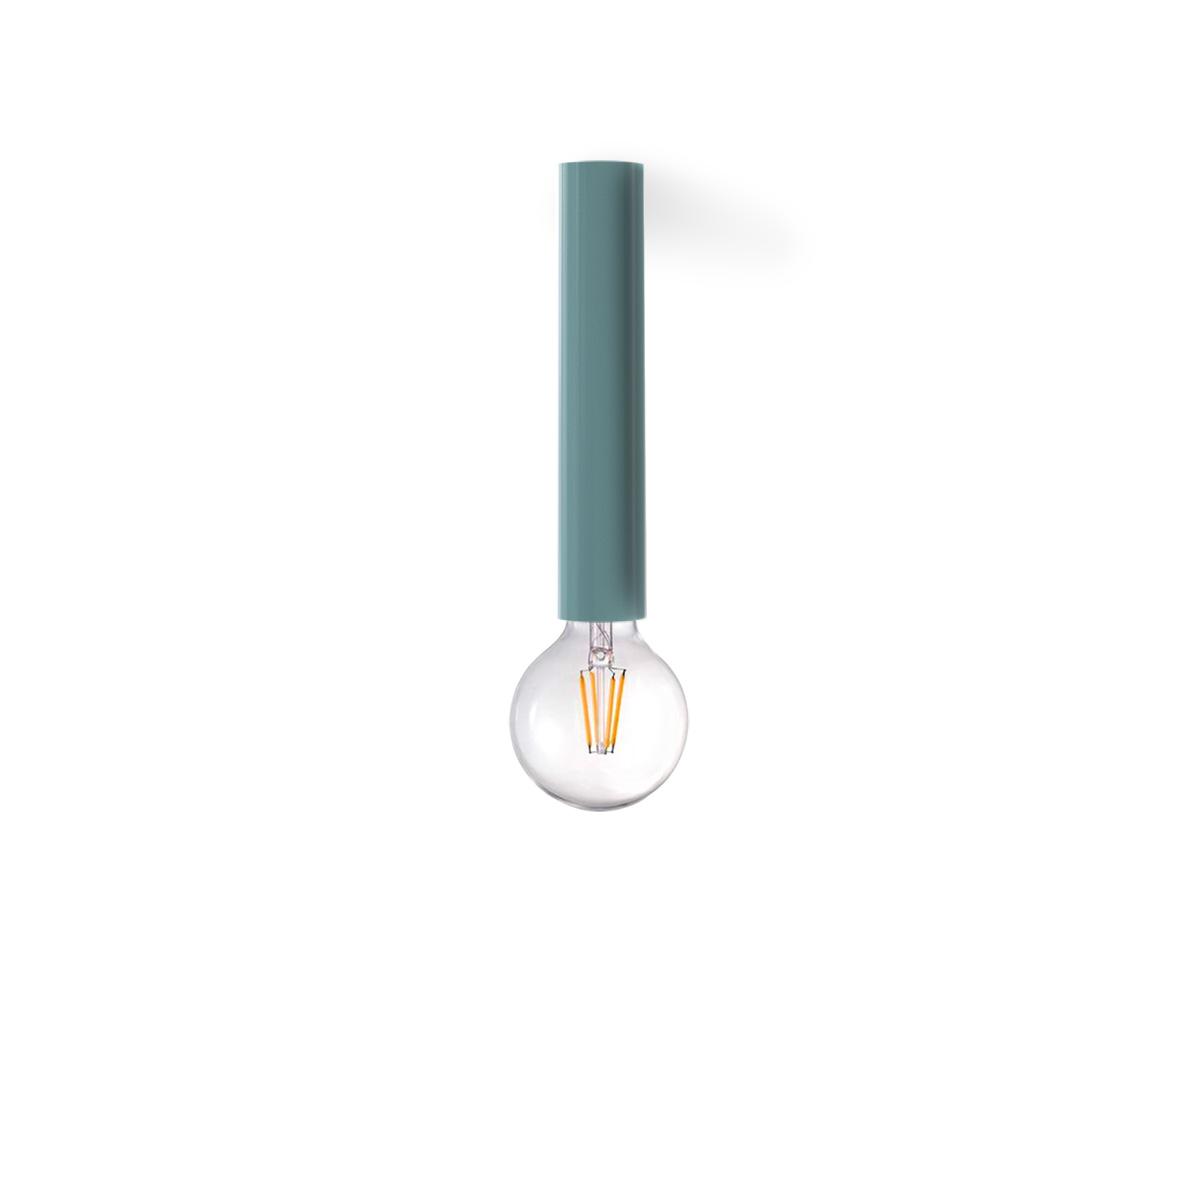 Φωτιστικό οροφής σωλήνα ΛΑΜΠΕΣ tube ceiling lamp